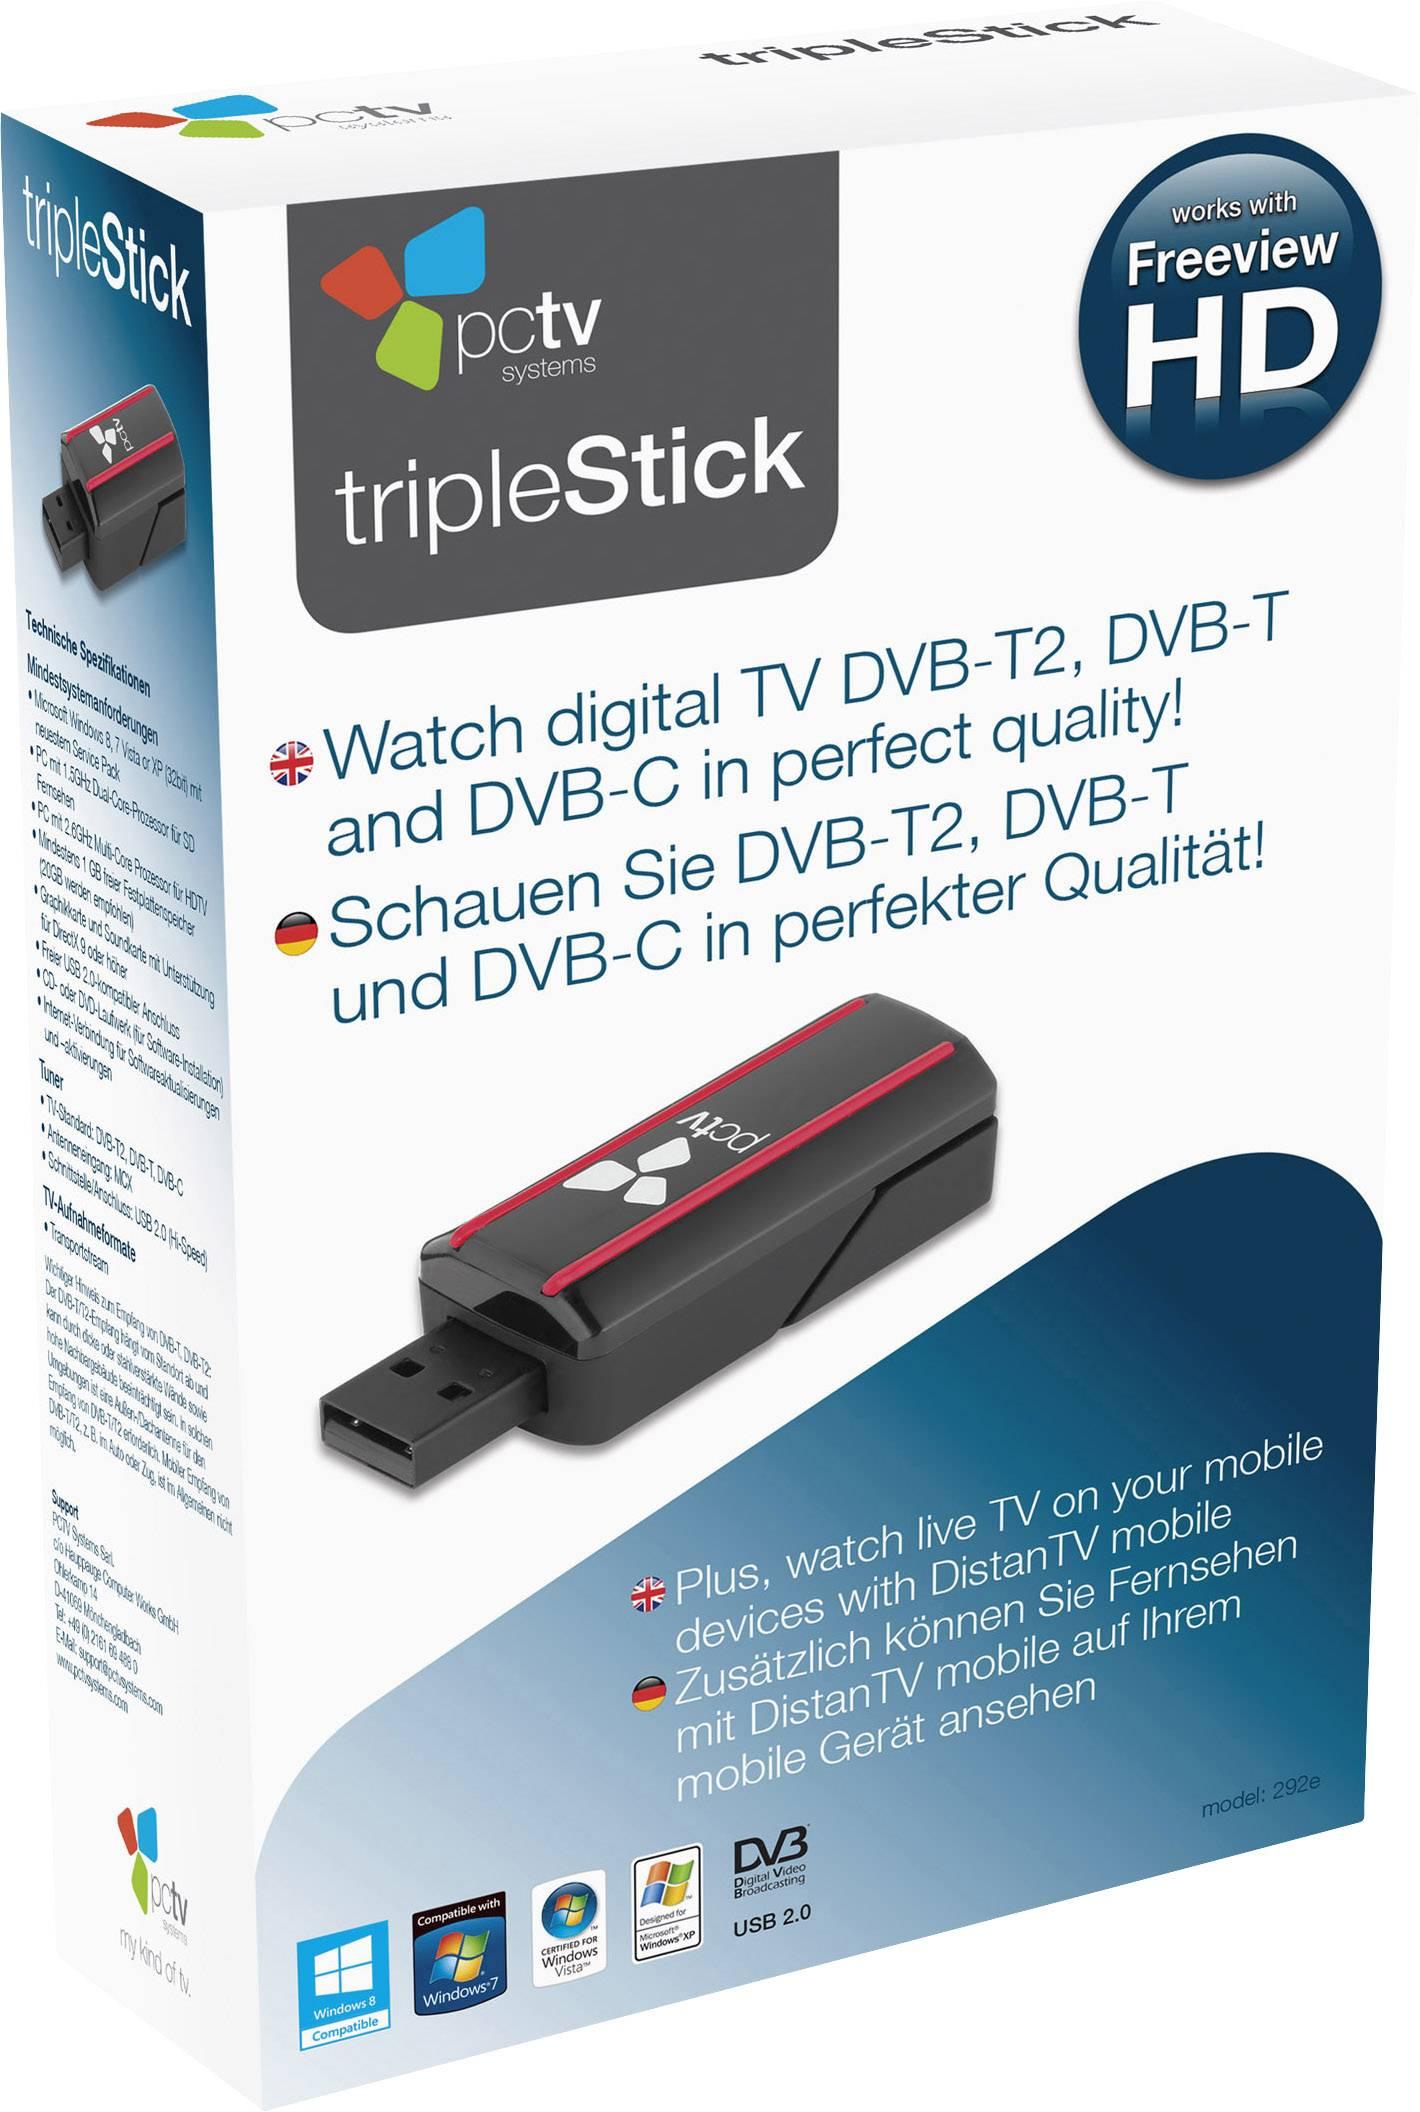 USB televizní DVB-T tuner PCTV Systems Triple Stick s dálkovým ovládáním